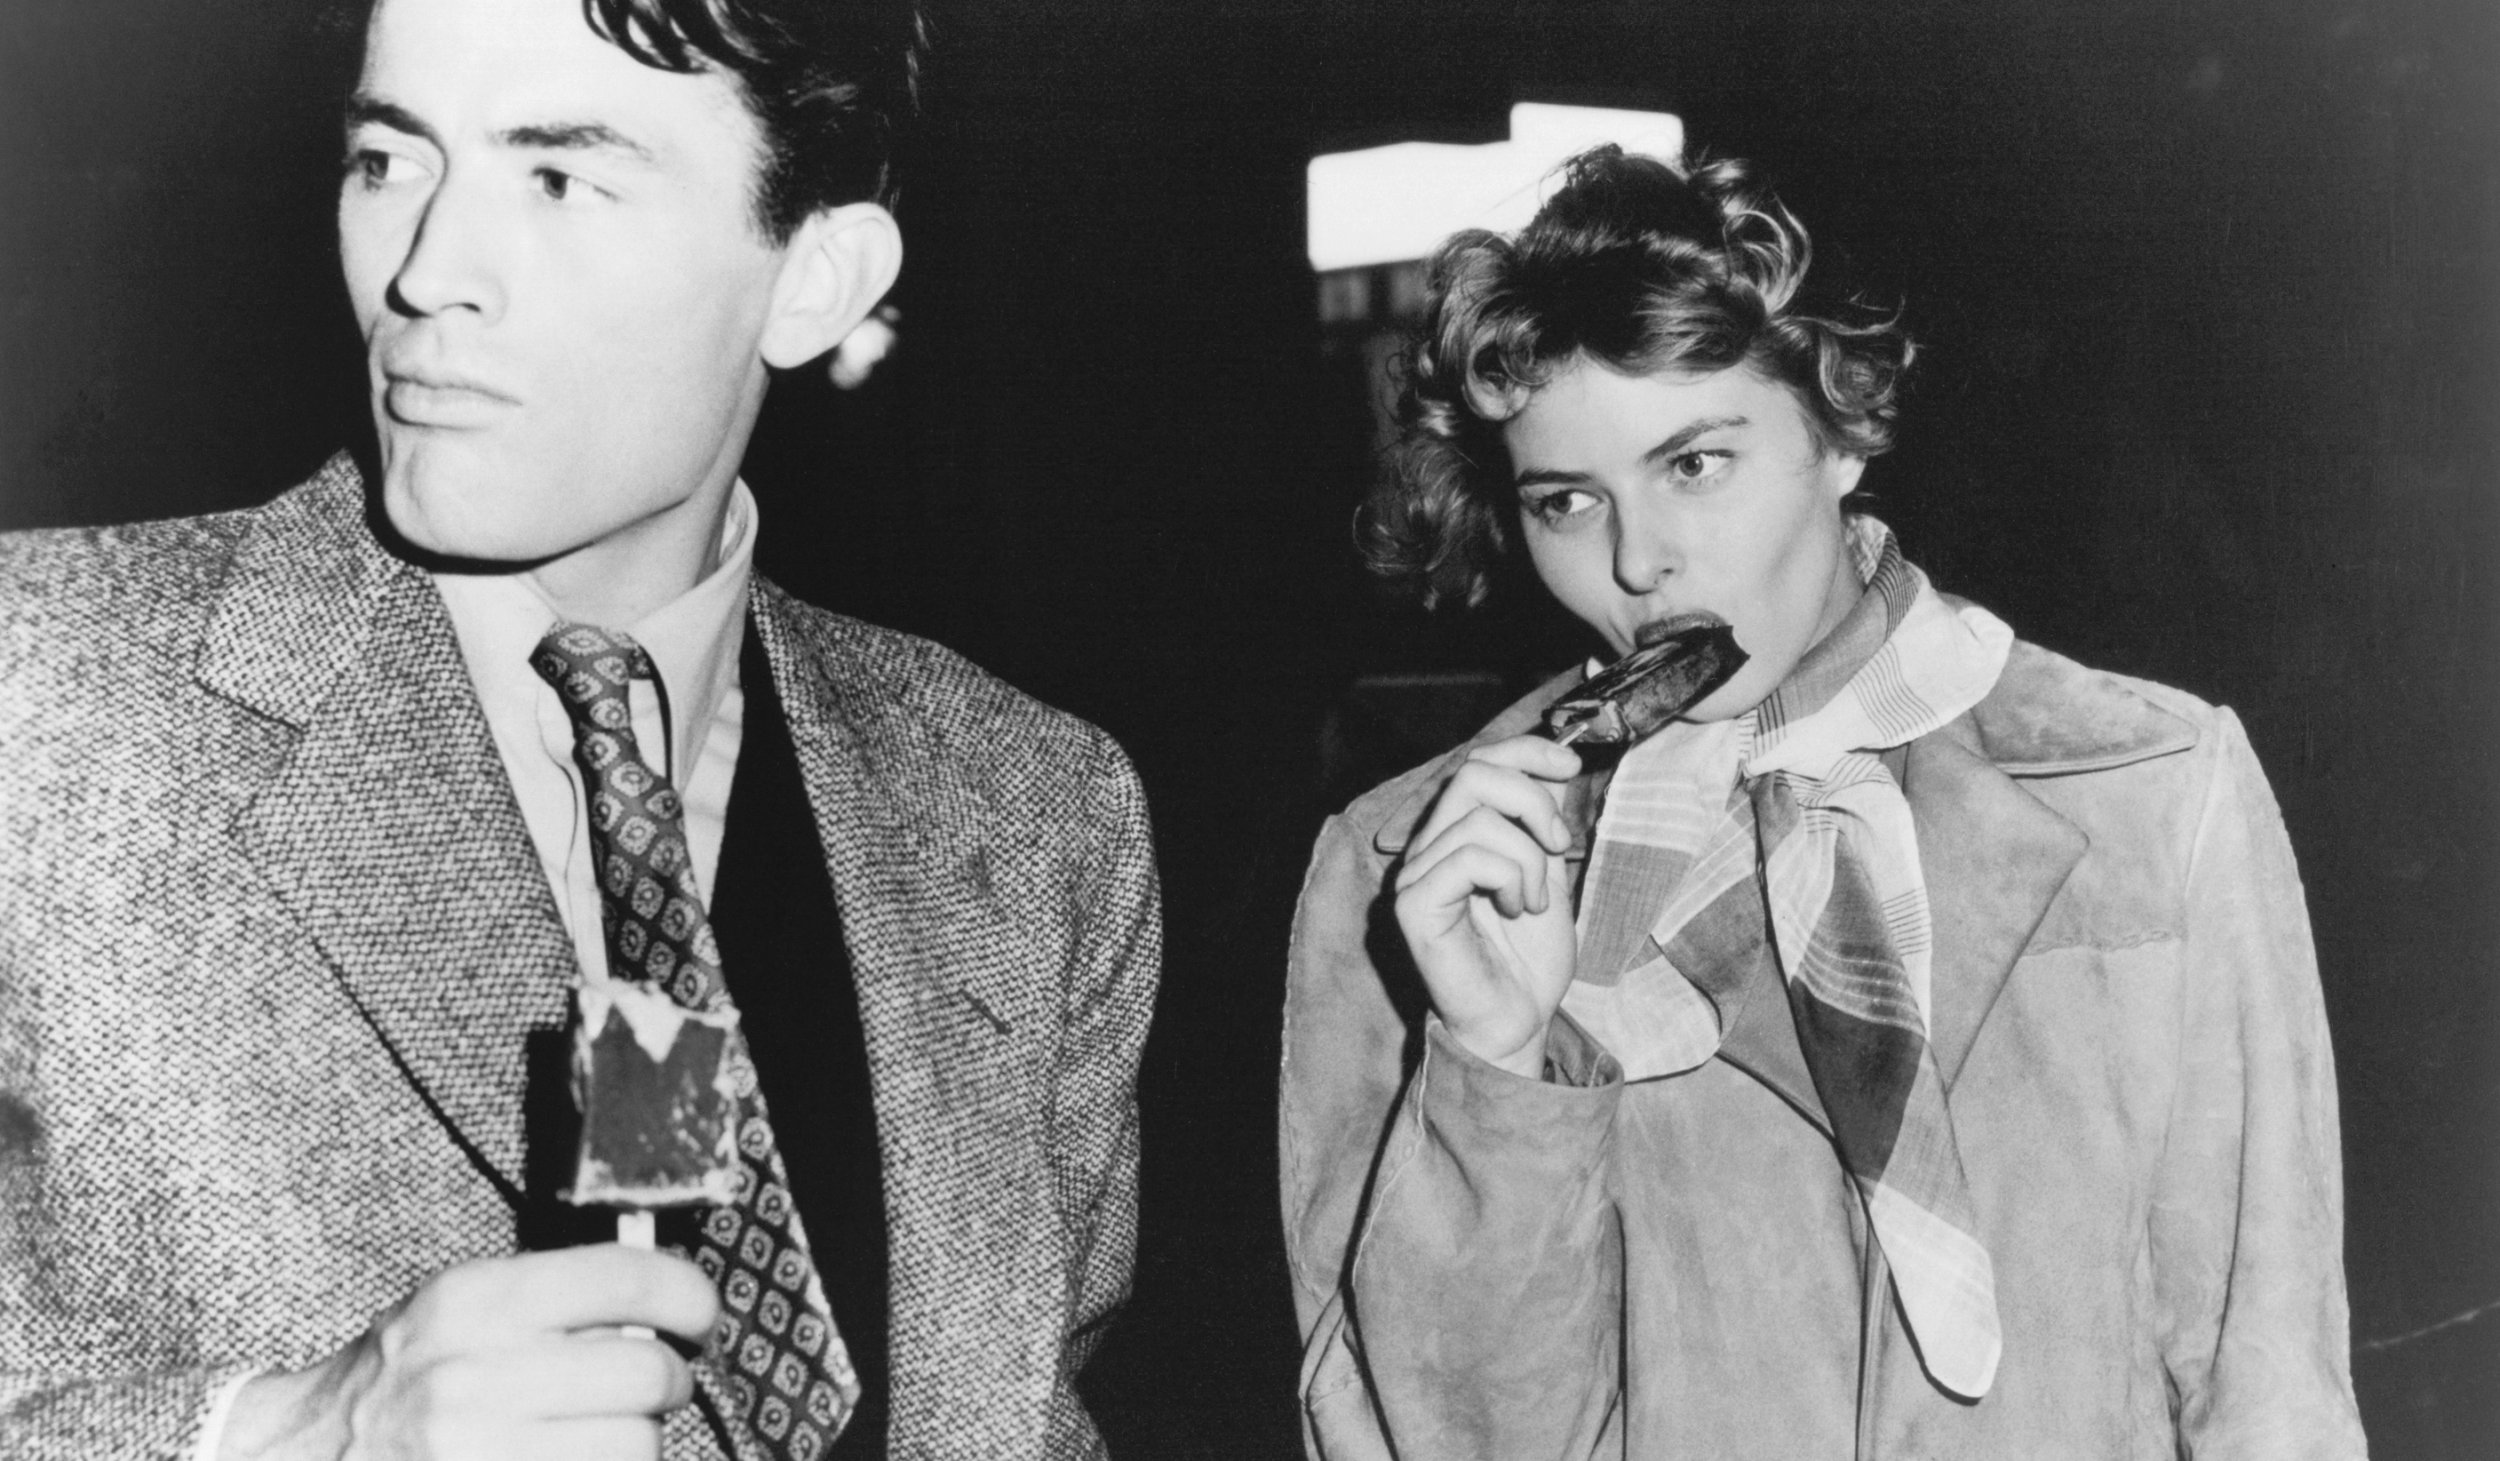 Ingrid Bergman imdb